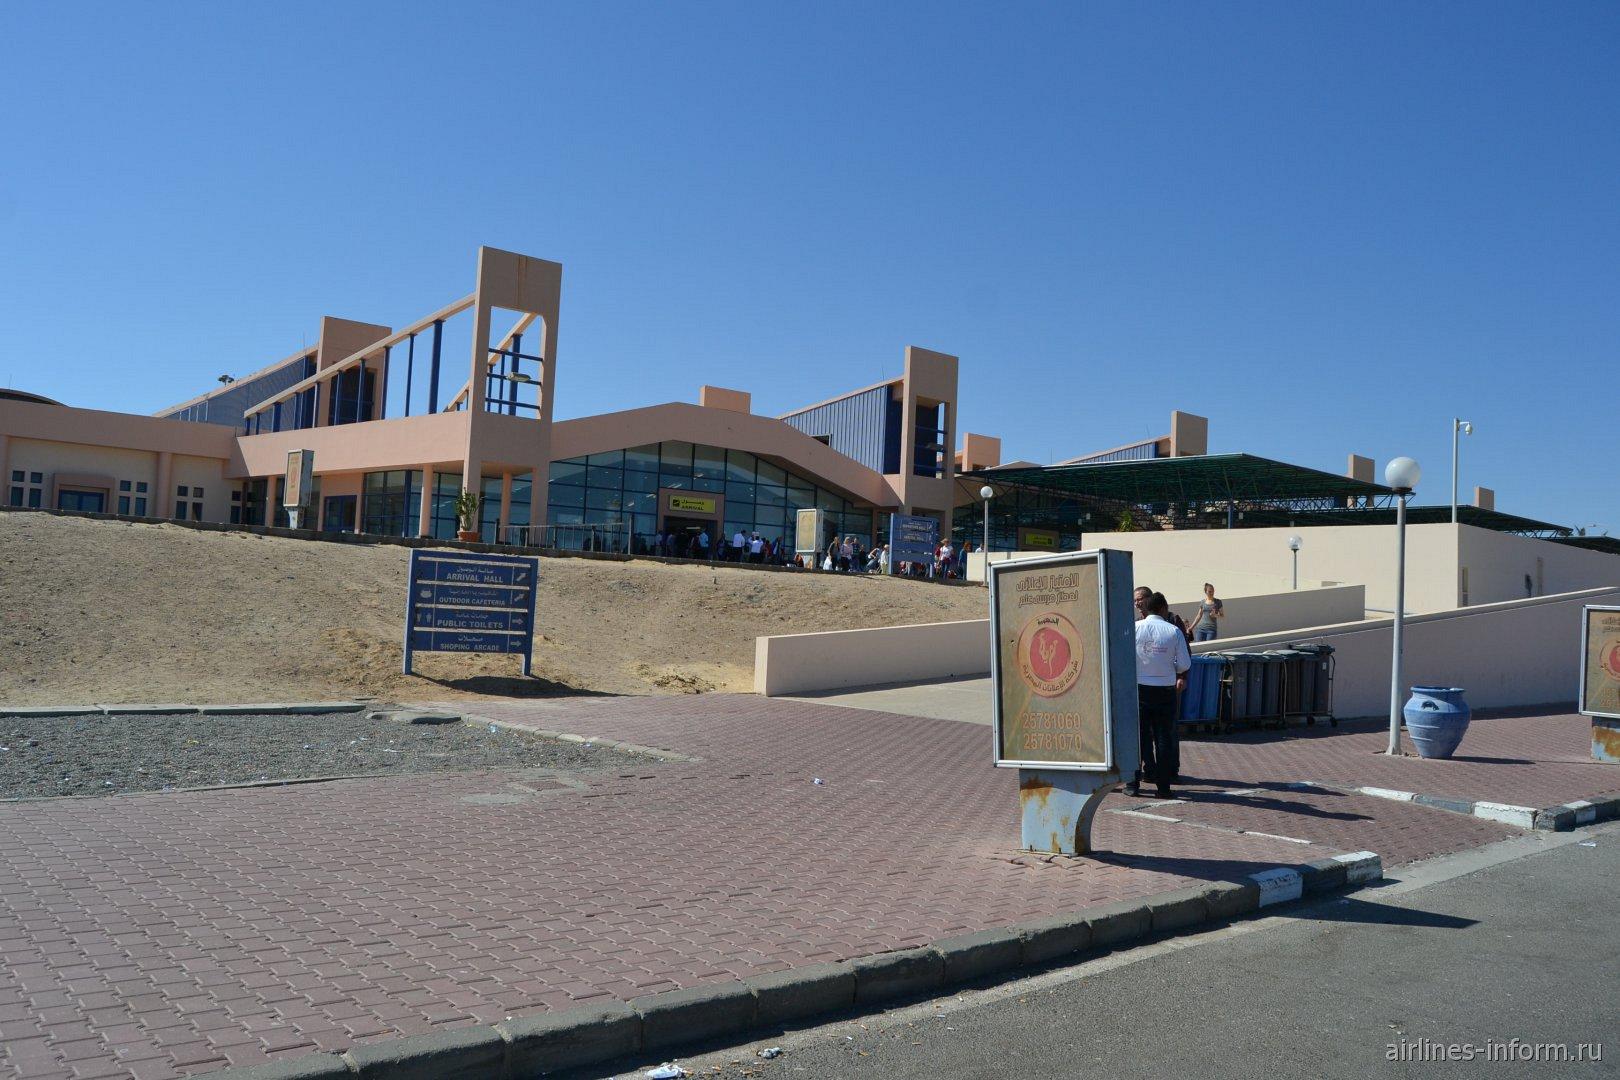 Пассажирский терминал аэропорта Марса-Алам